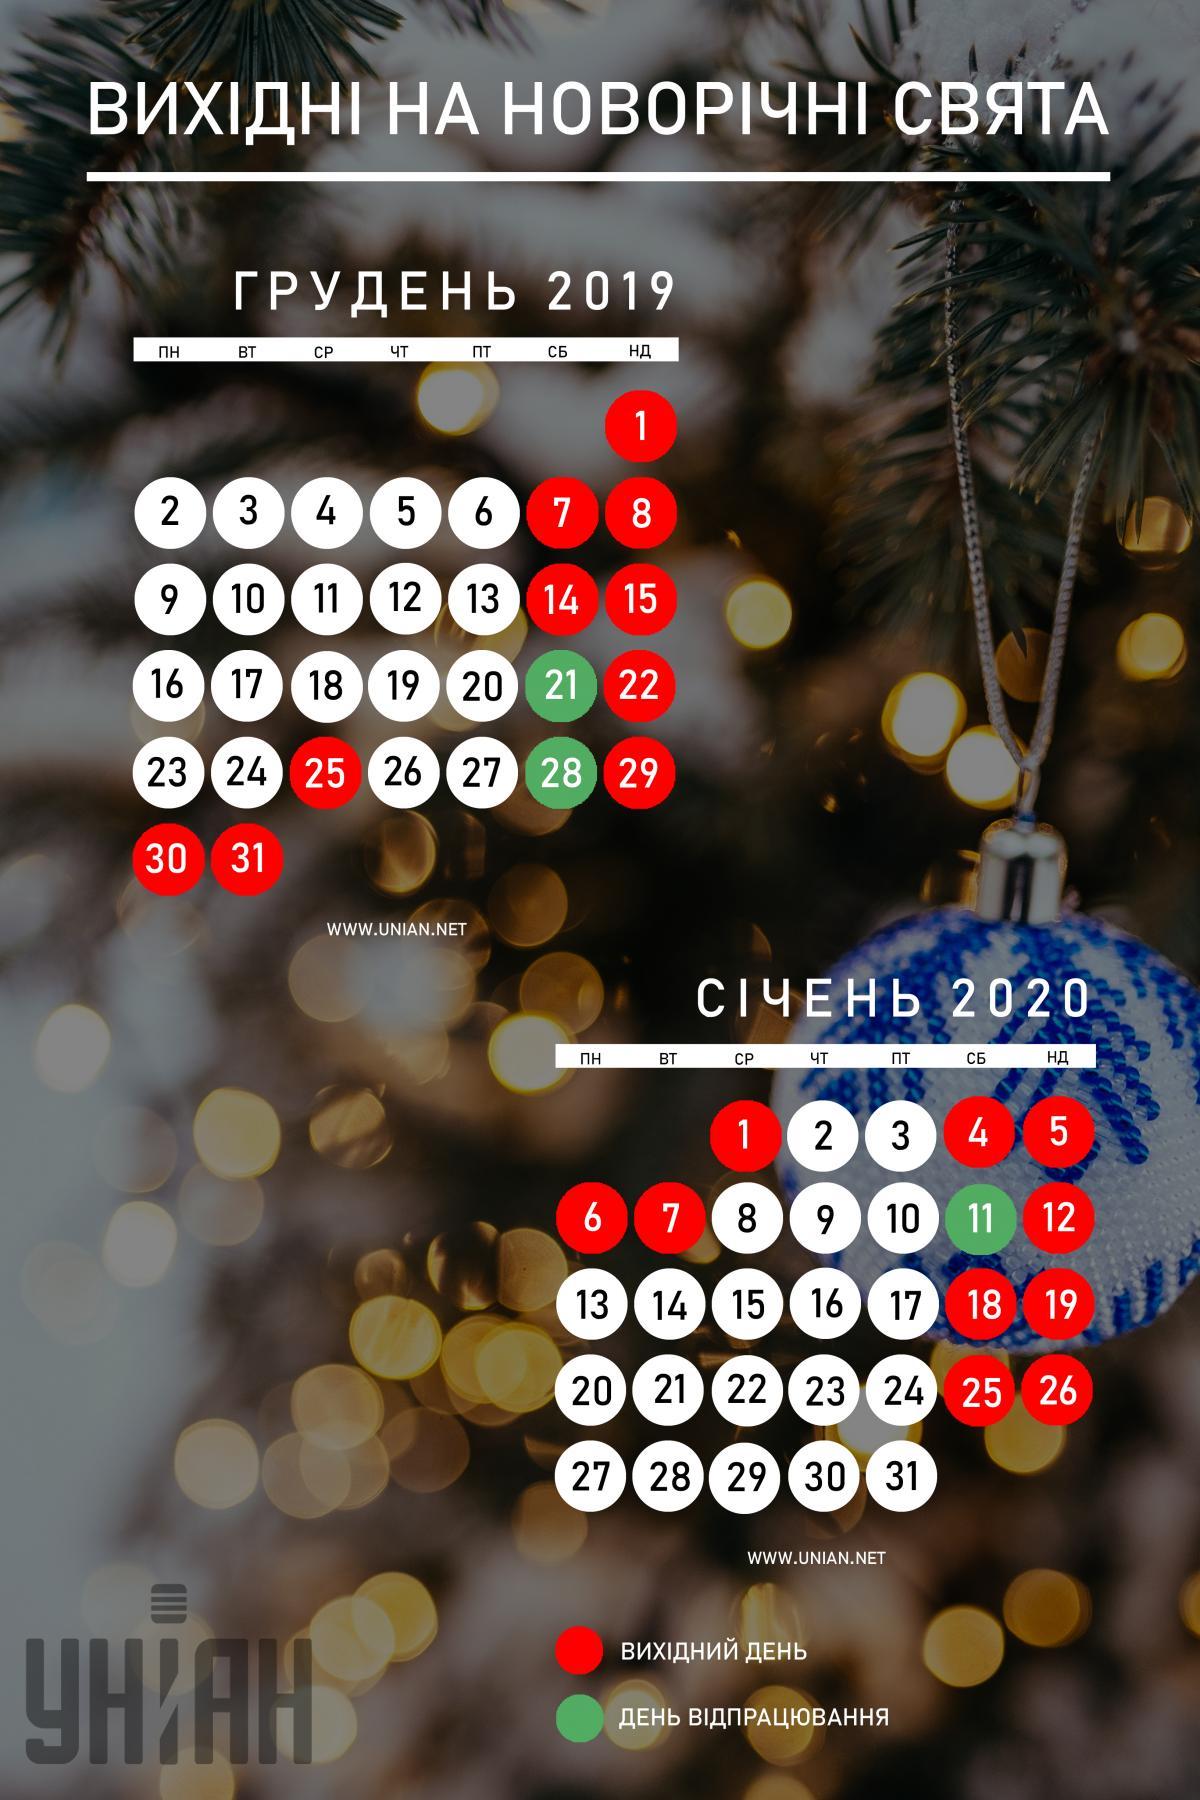 Выходные на Новый год и Рождество 2020 / УНИАН